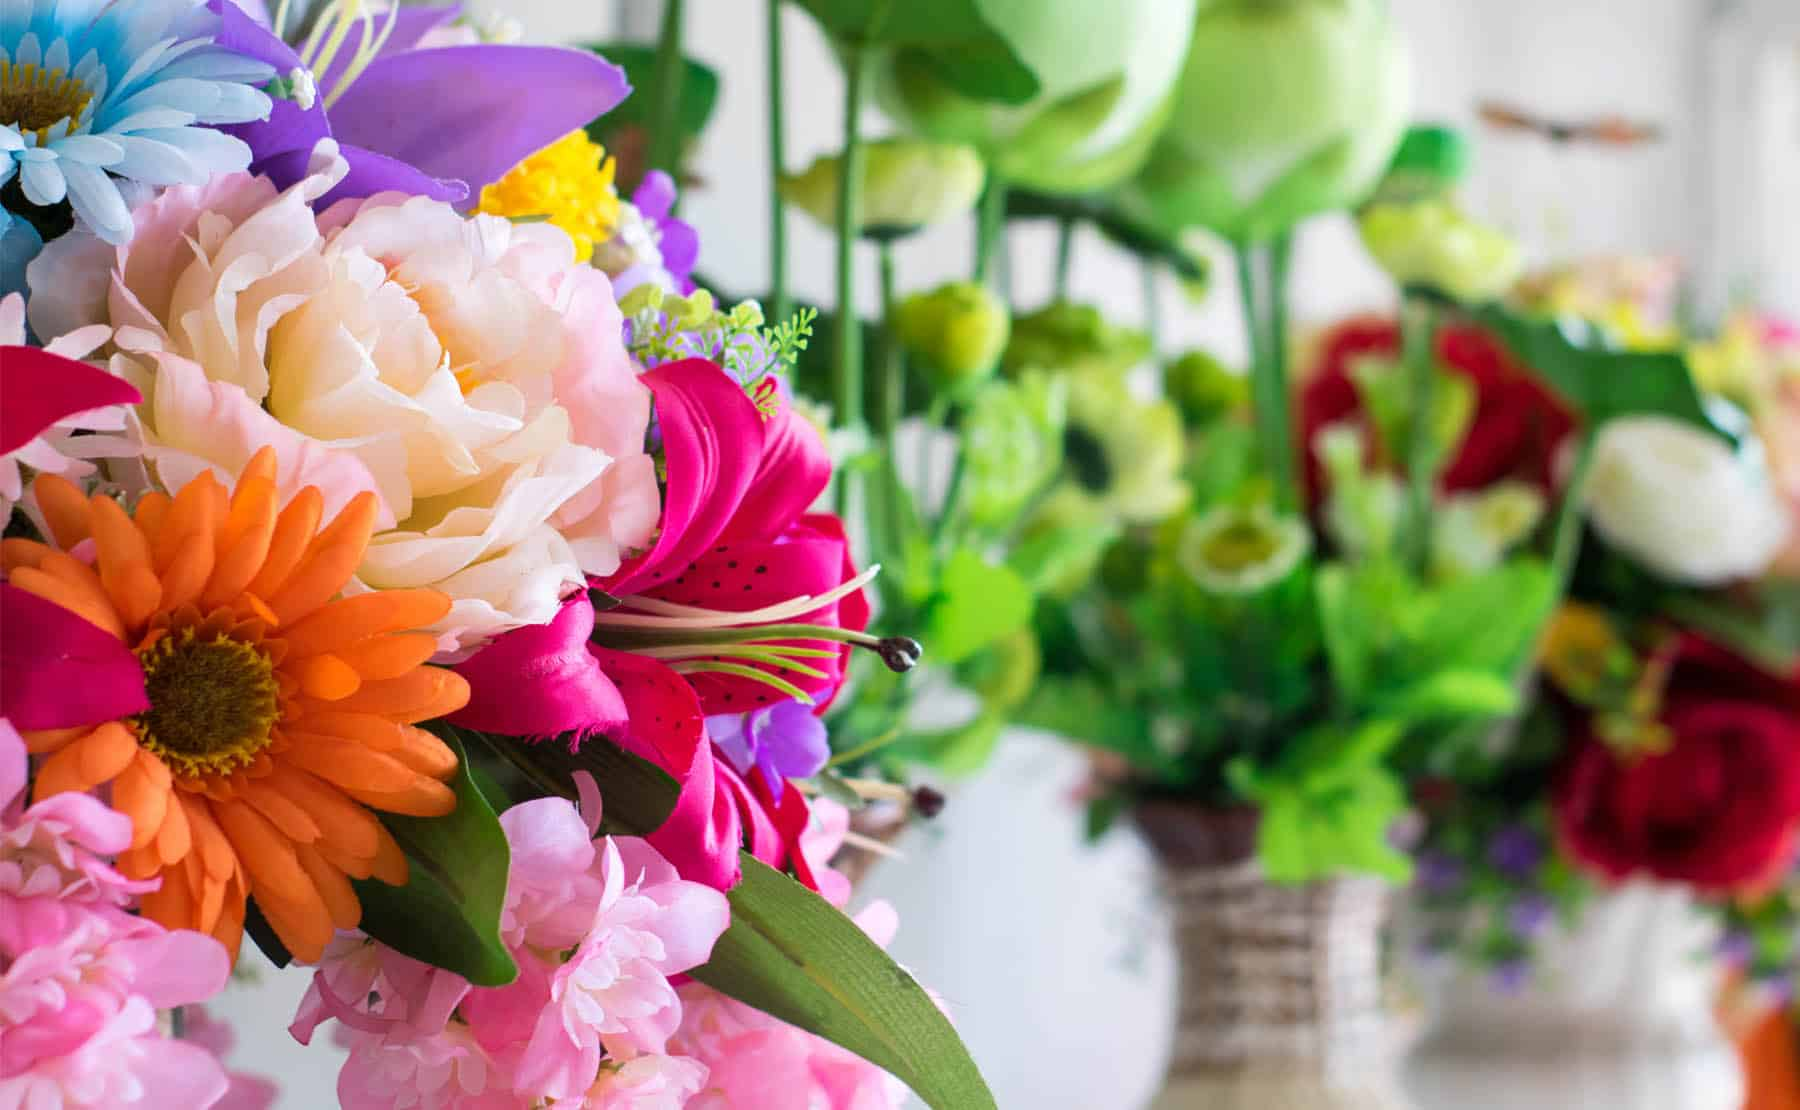 Cửa hàng hoa tươi đường Hoàng Quốc Việt